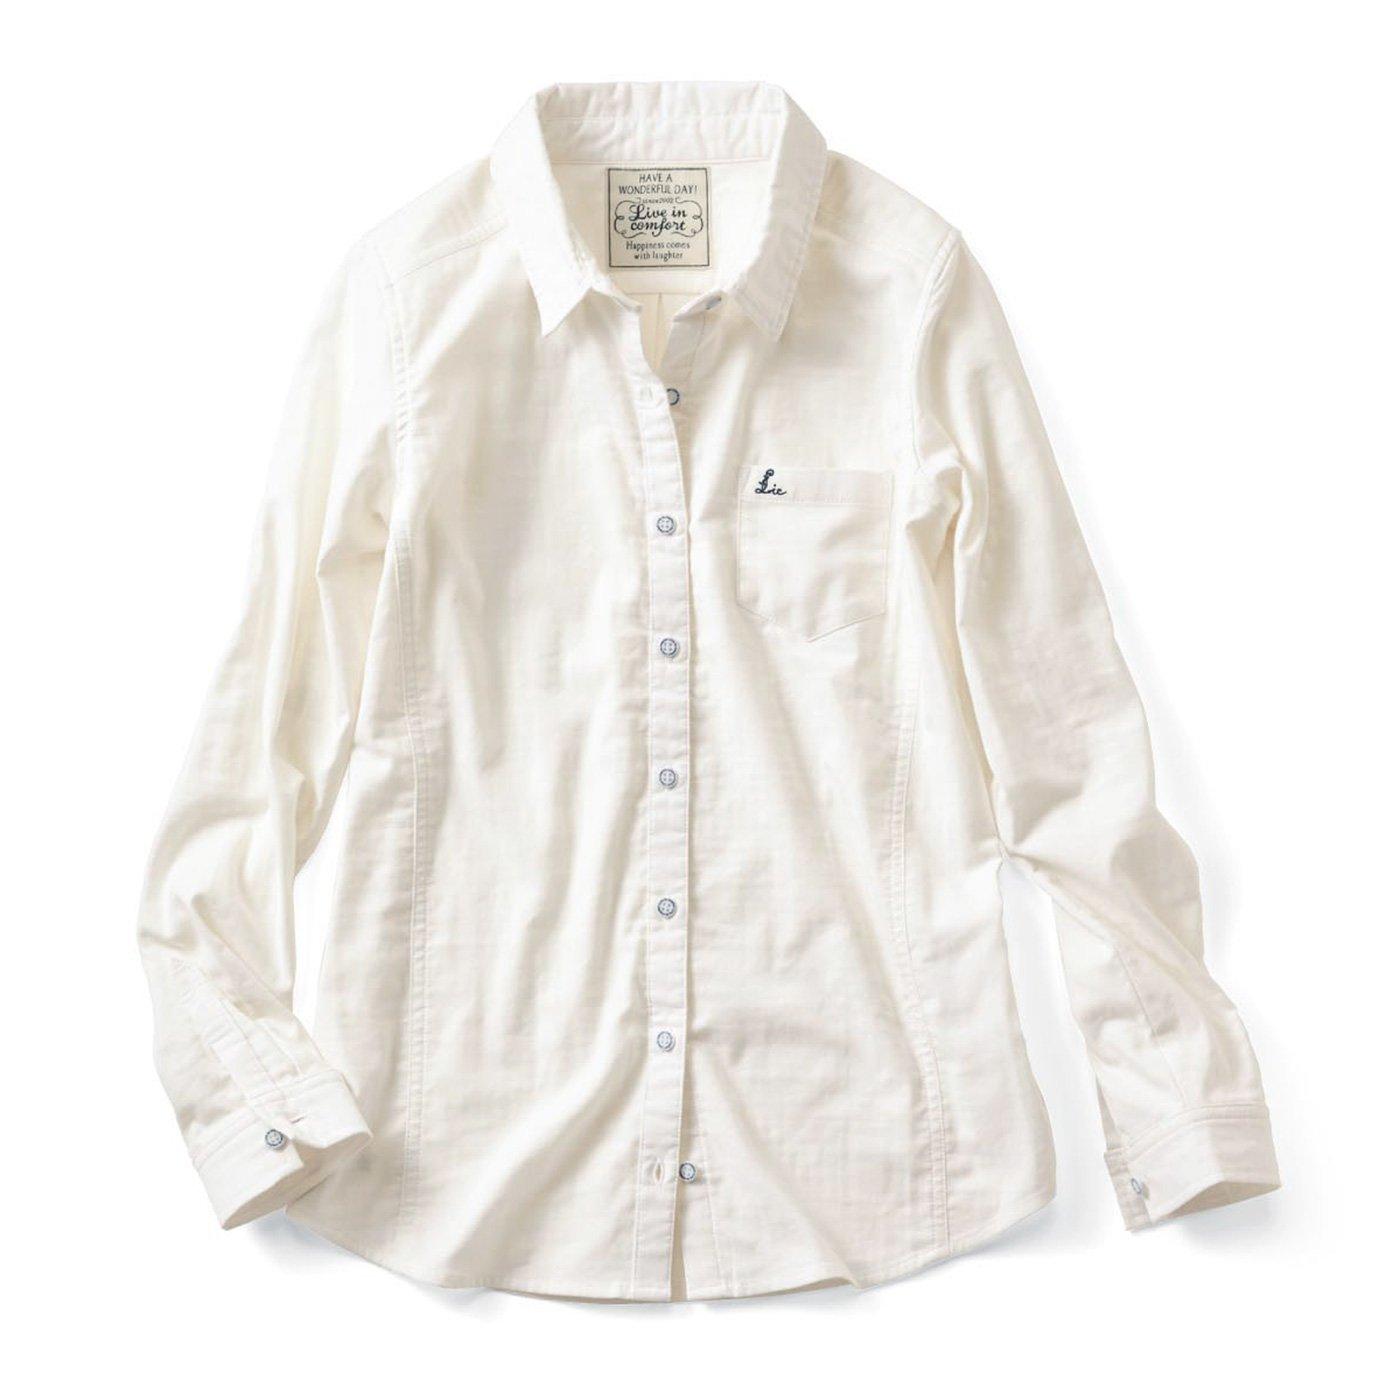 リブ イン コンフォート 重ね着してももたつかない! ストレッチガーゼ×カットソーの伸びシャツ〈オフホワイト〉